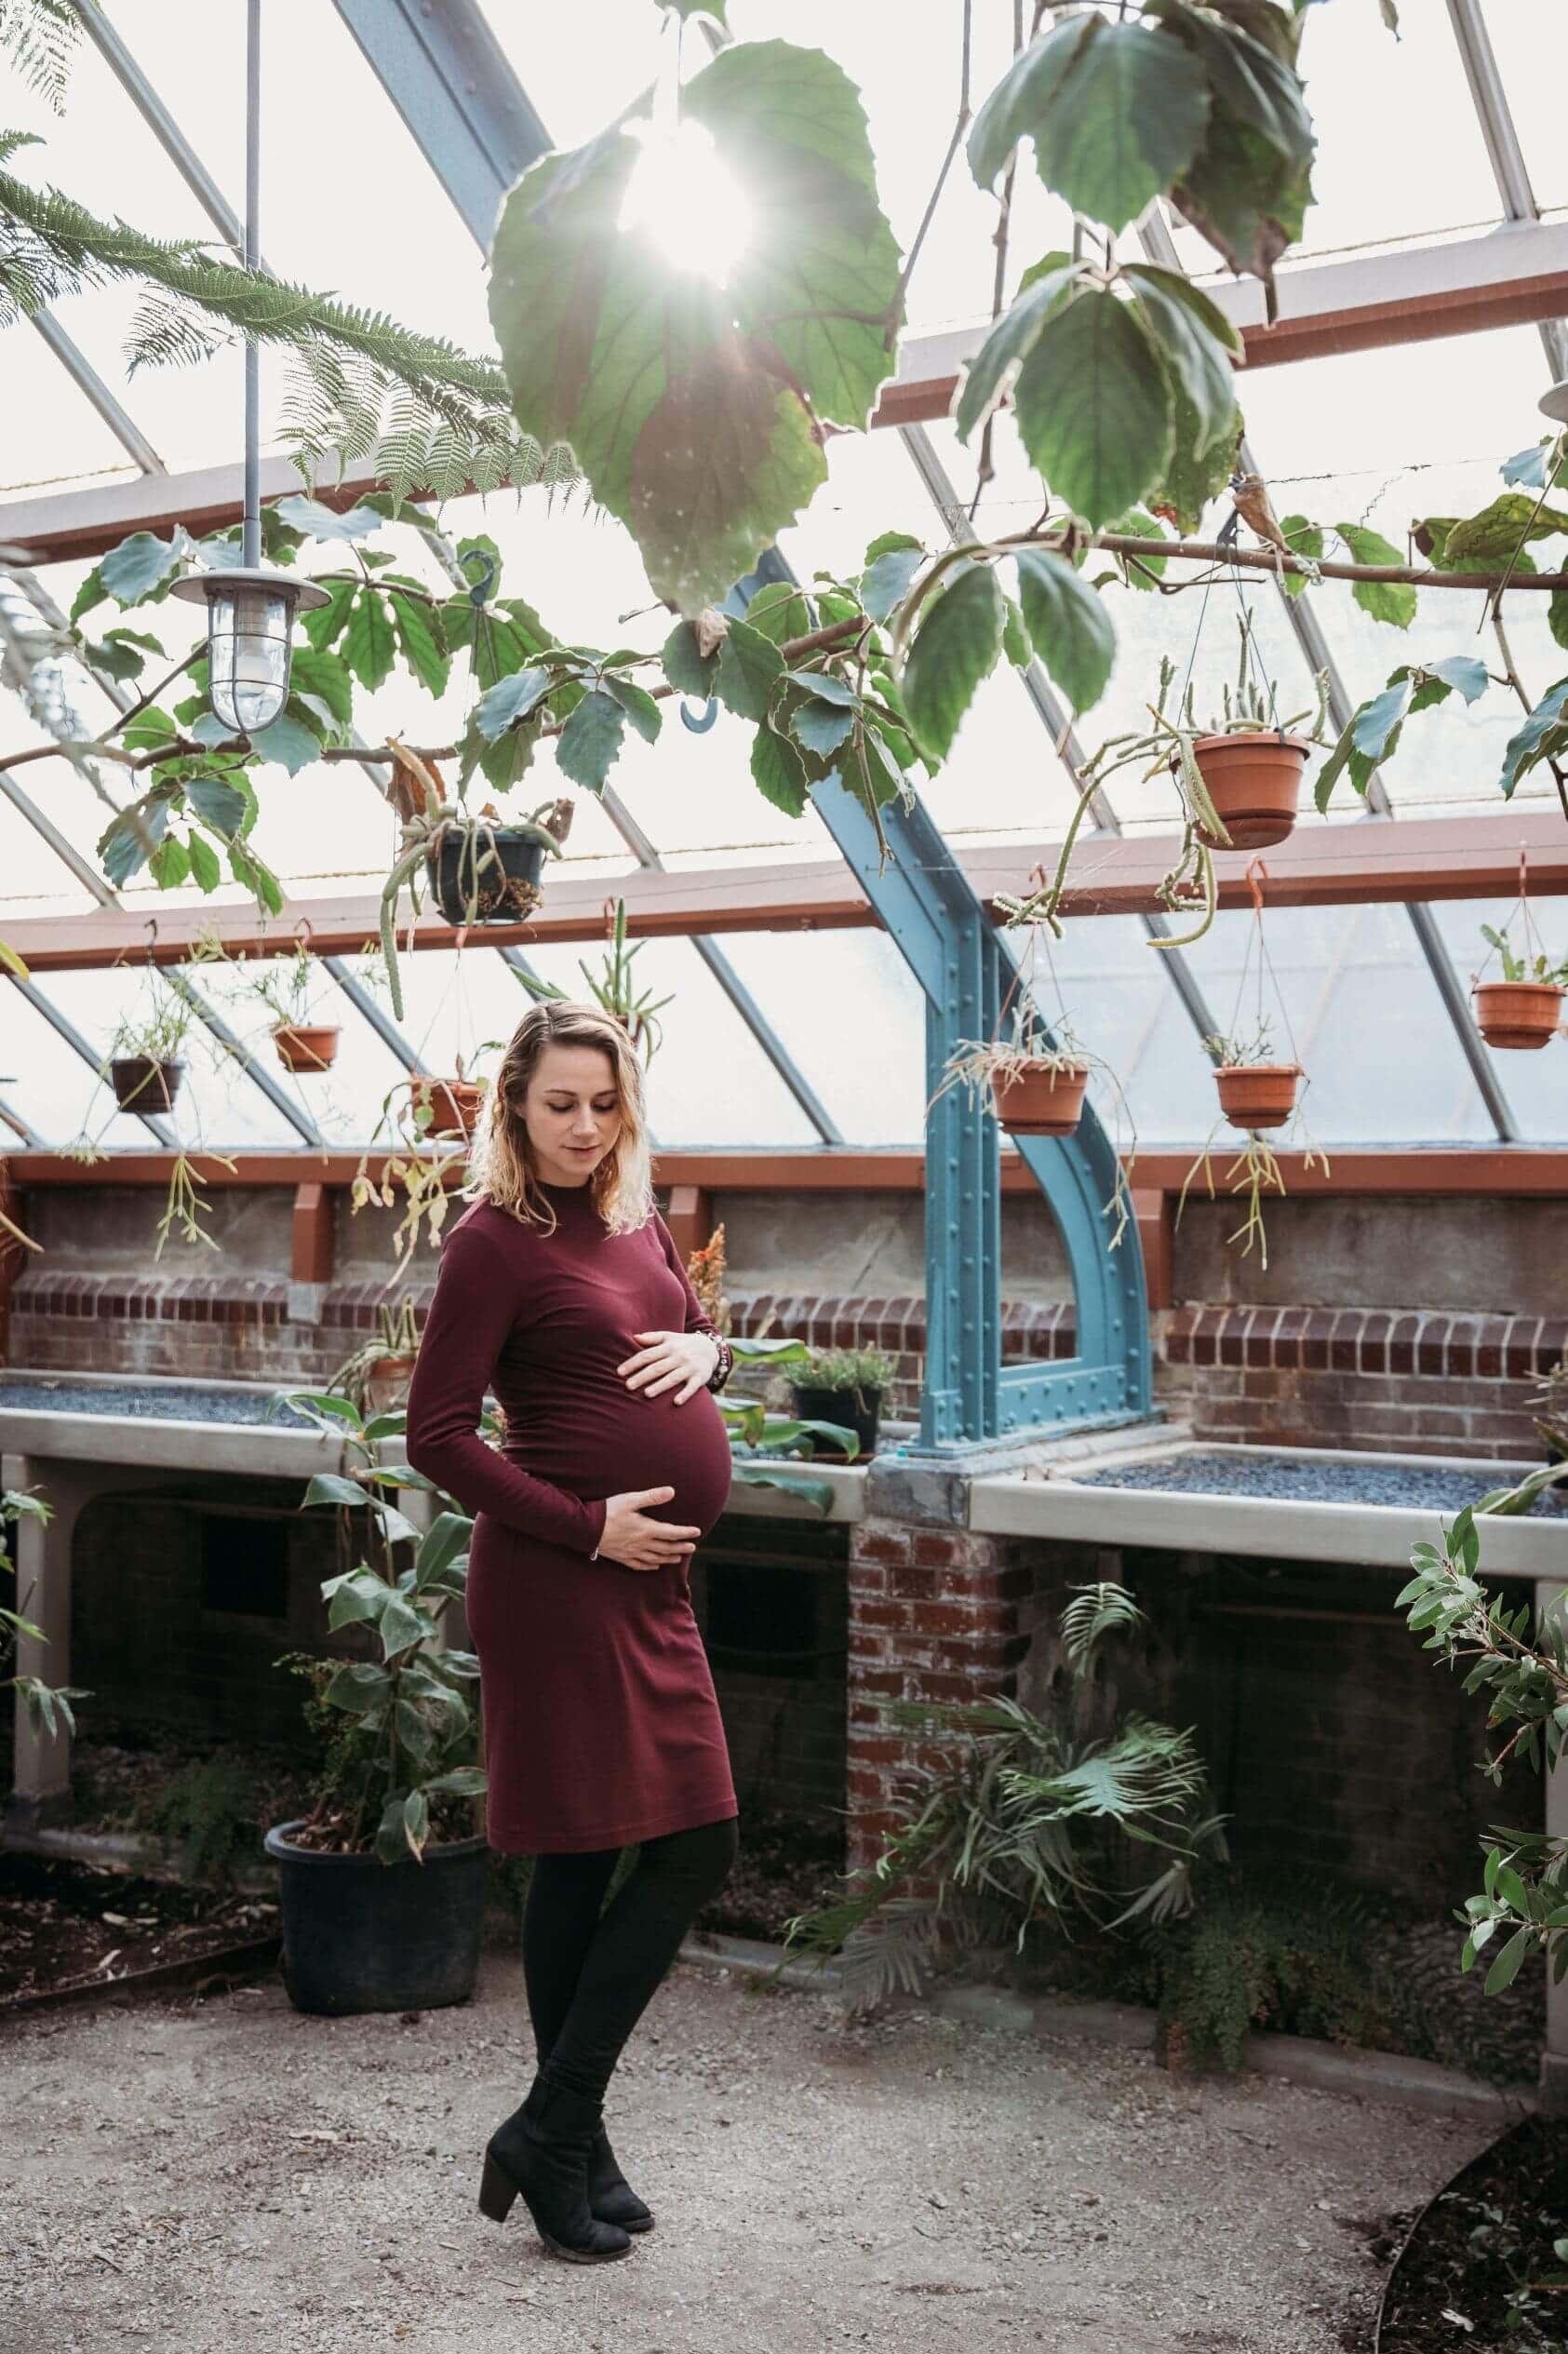 zwangerschap-zwanger-zwangerschapsshoot-kampen-ijsselmuiden-zwolle-pregnant-maternity